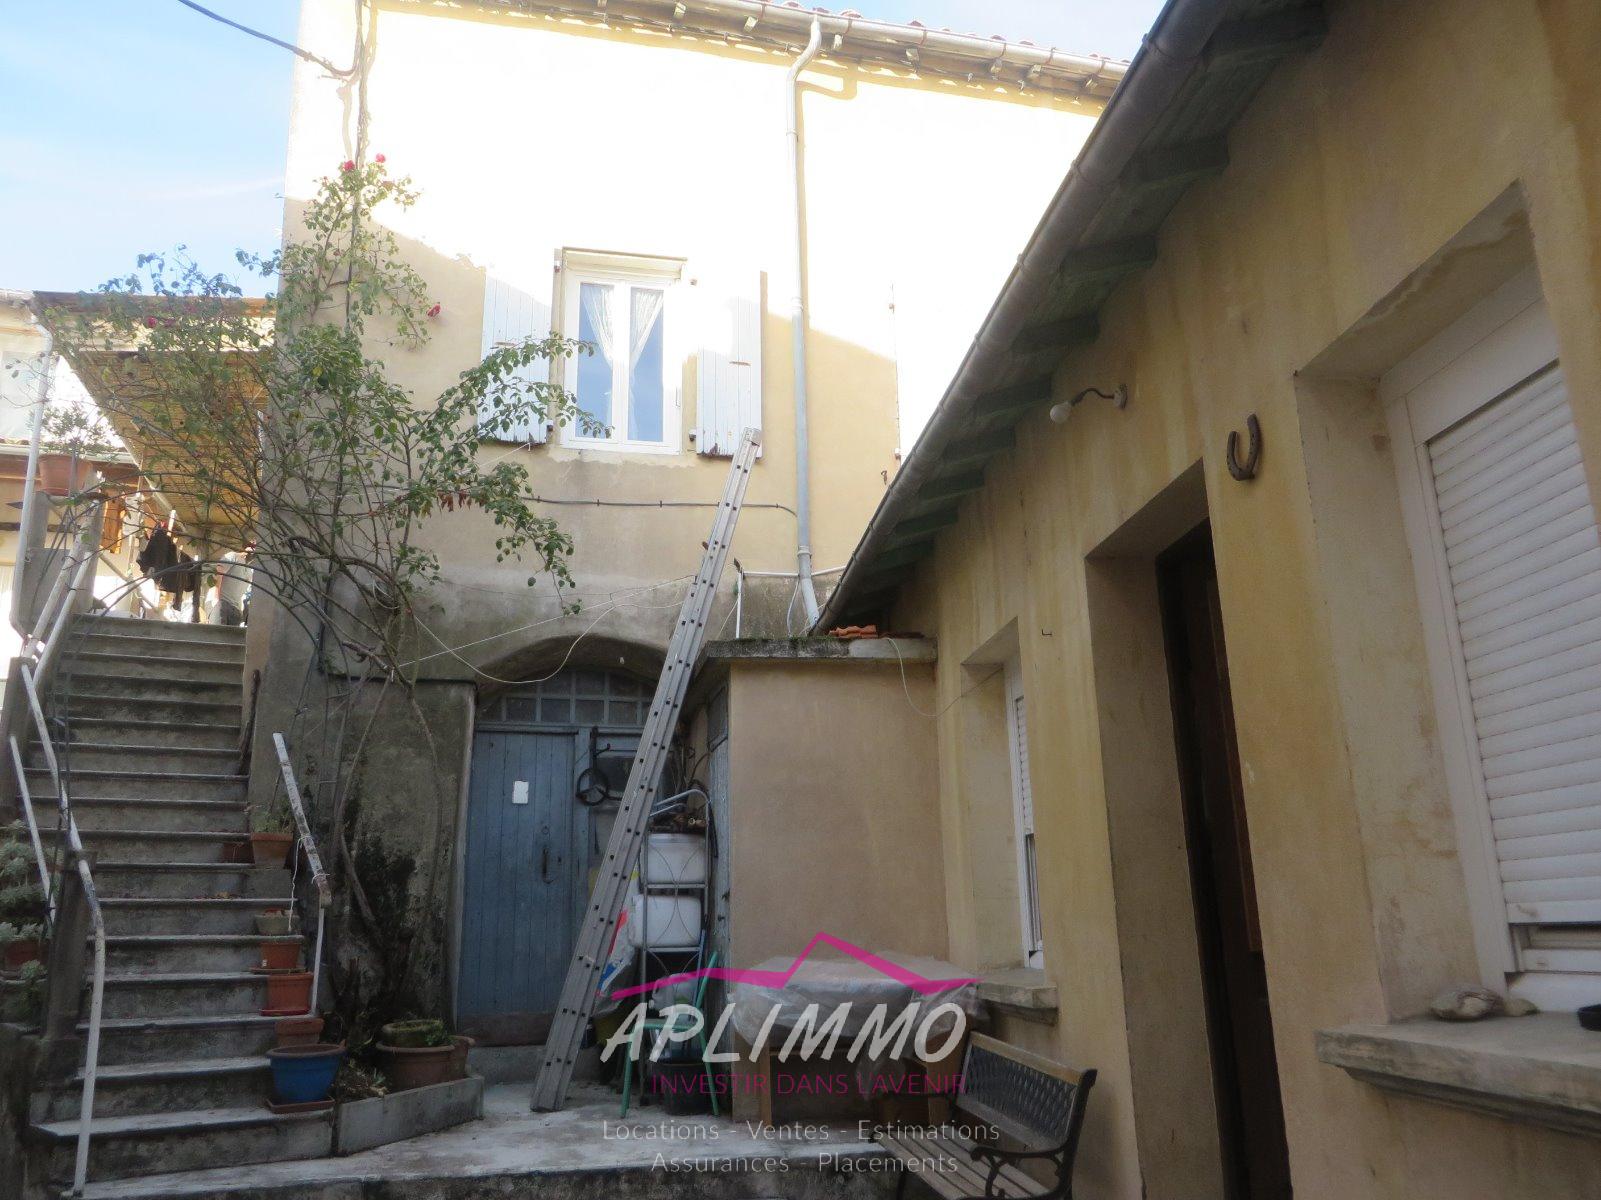 Vente le teil maison en pierre avec terrasse te 2008 - Vente maison en indivision ...